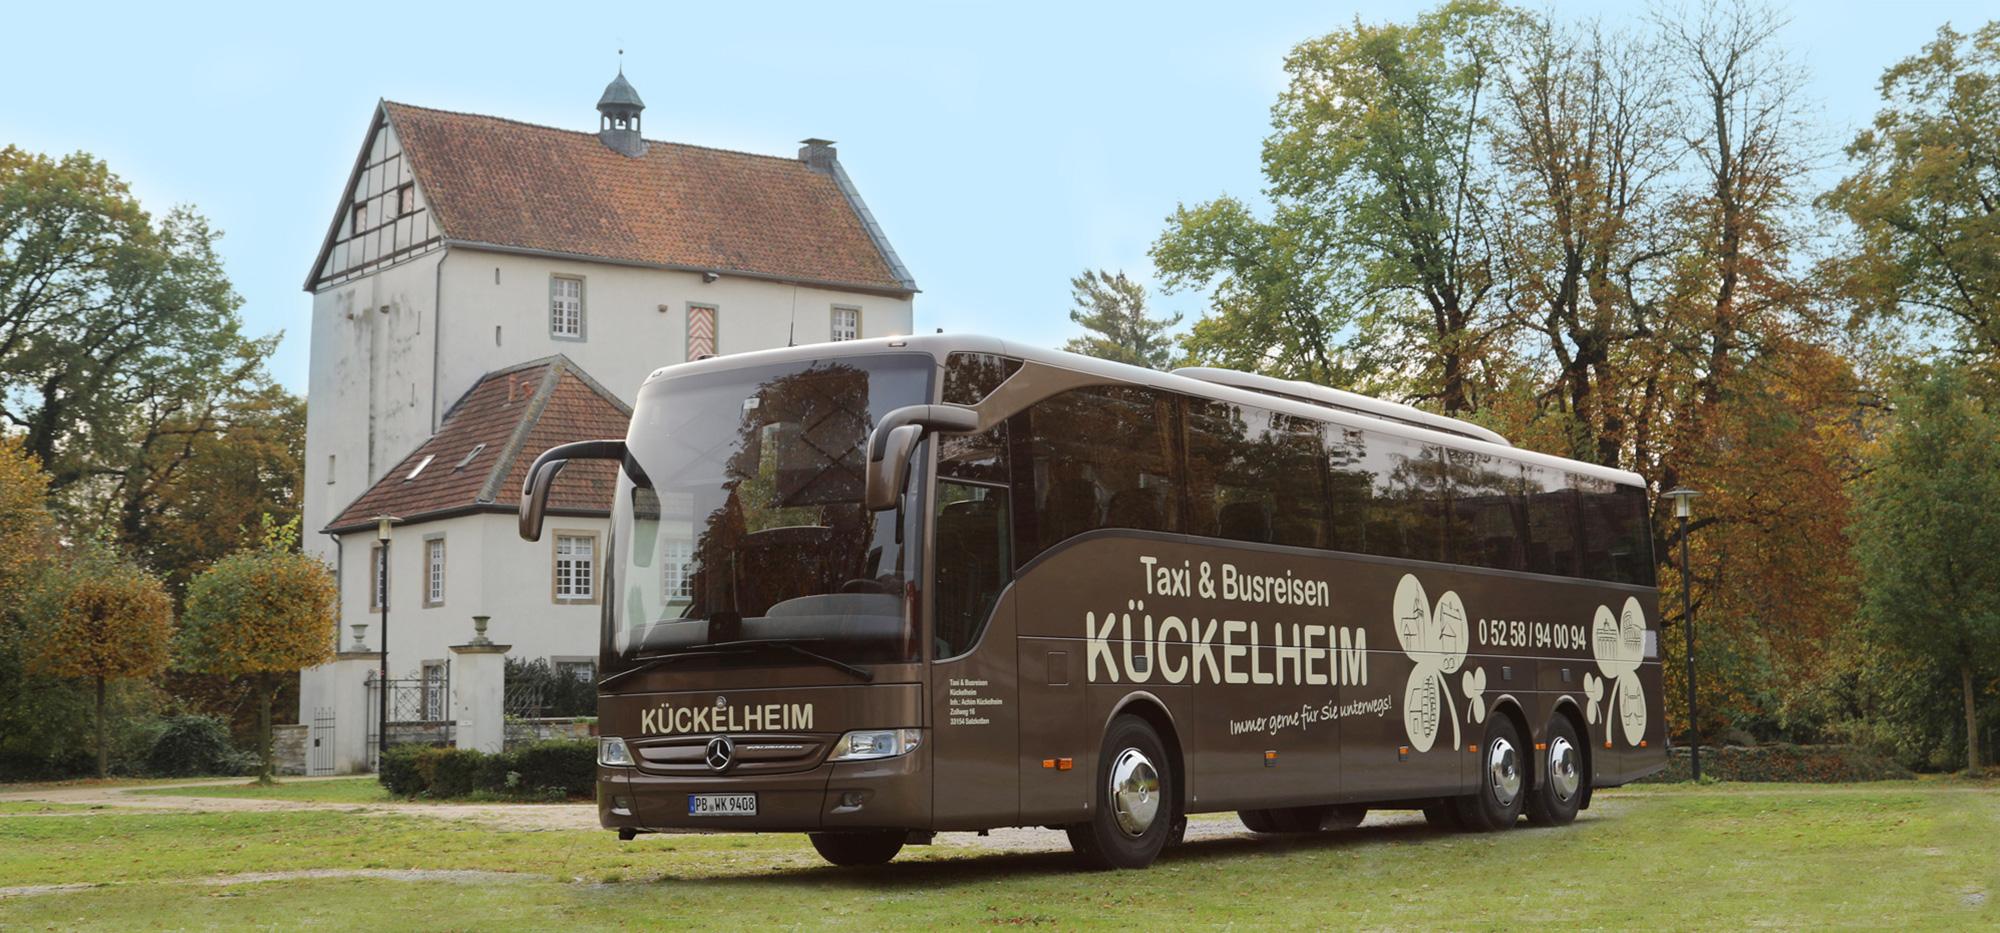 Reisebus an der Burg - Salzkotten - Taxi & Busreisen Kückelheim